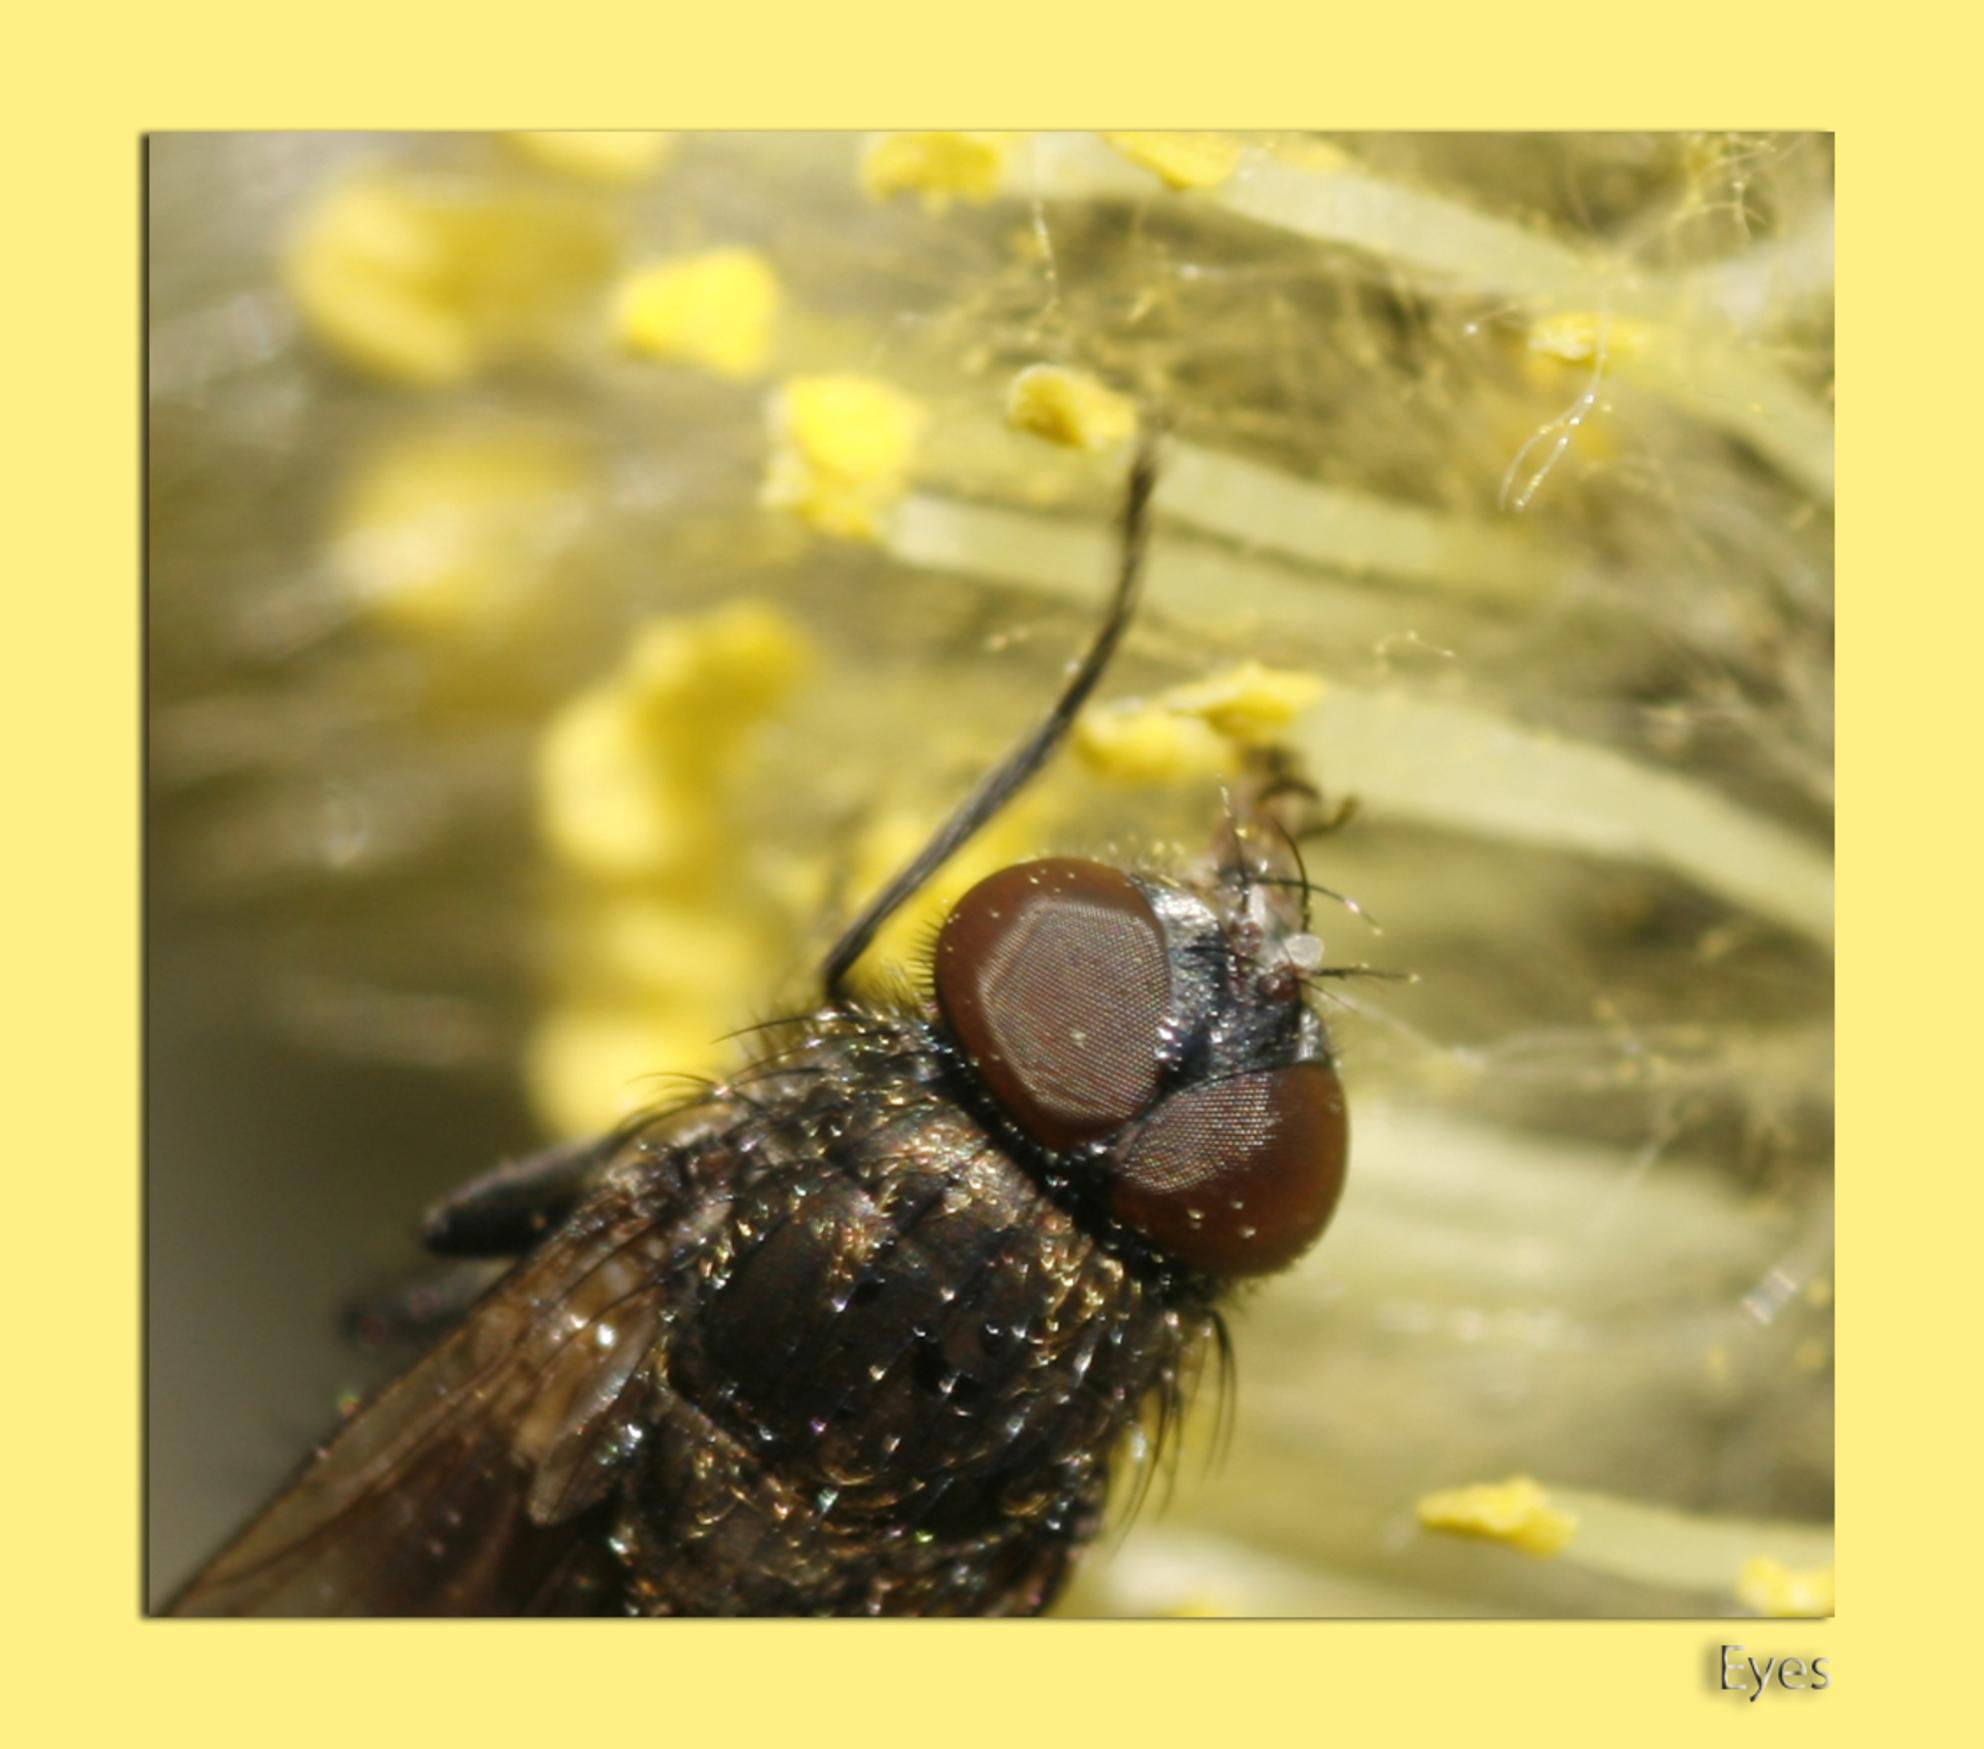 Snoepjes - Klein vliegje is aan het snoepen van de nectar in een katje. - foto door Eyes op 21-03-2009 - deze foto bevat: eyes, vlieg, voorjaar, katje - Deze foto mag gebruikt worden in een Zoom.nl publicatie